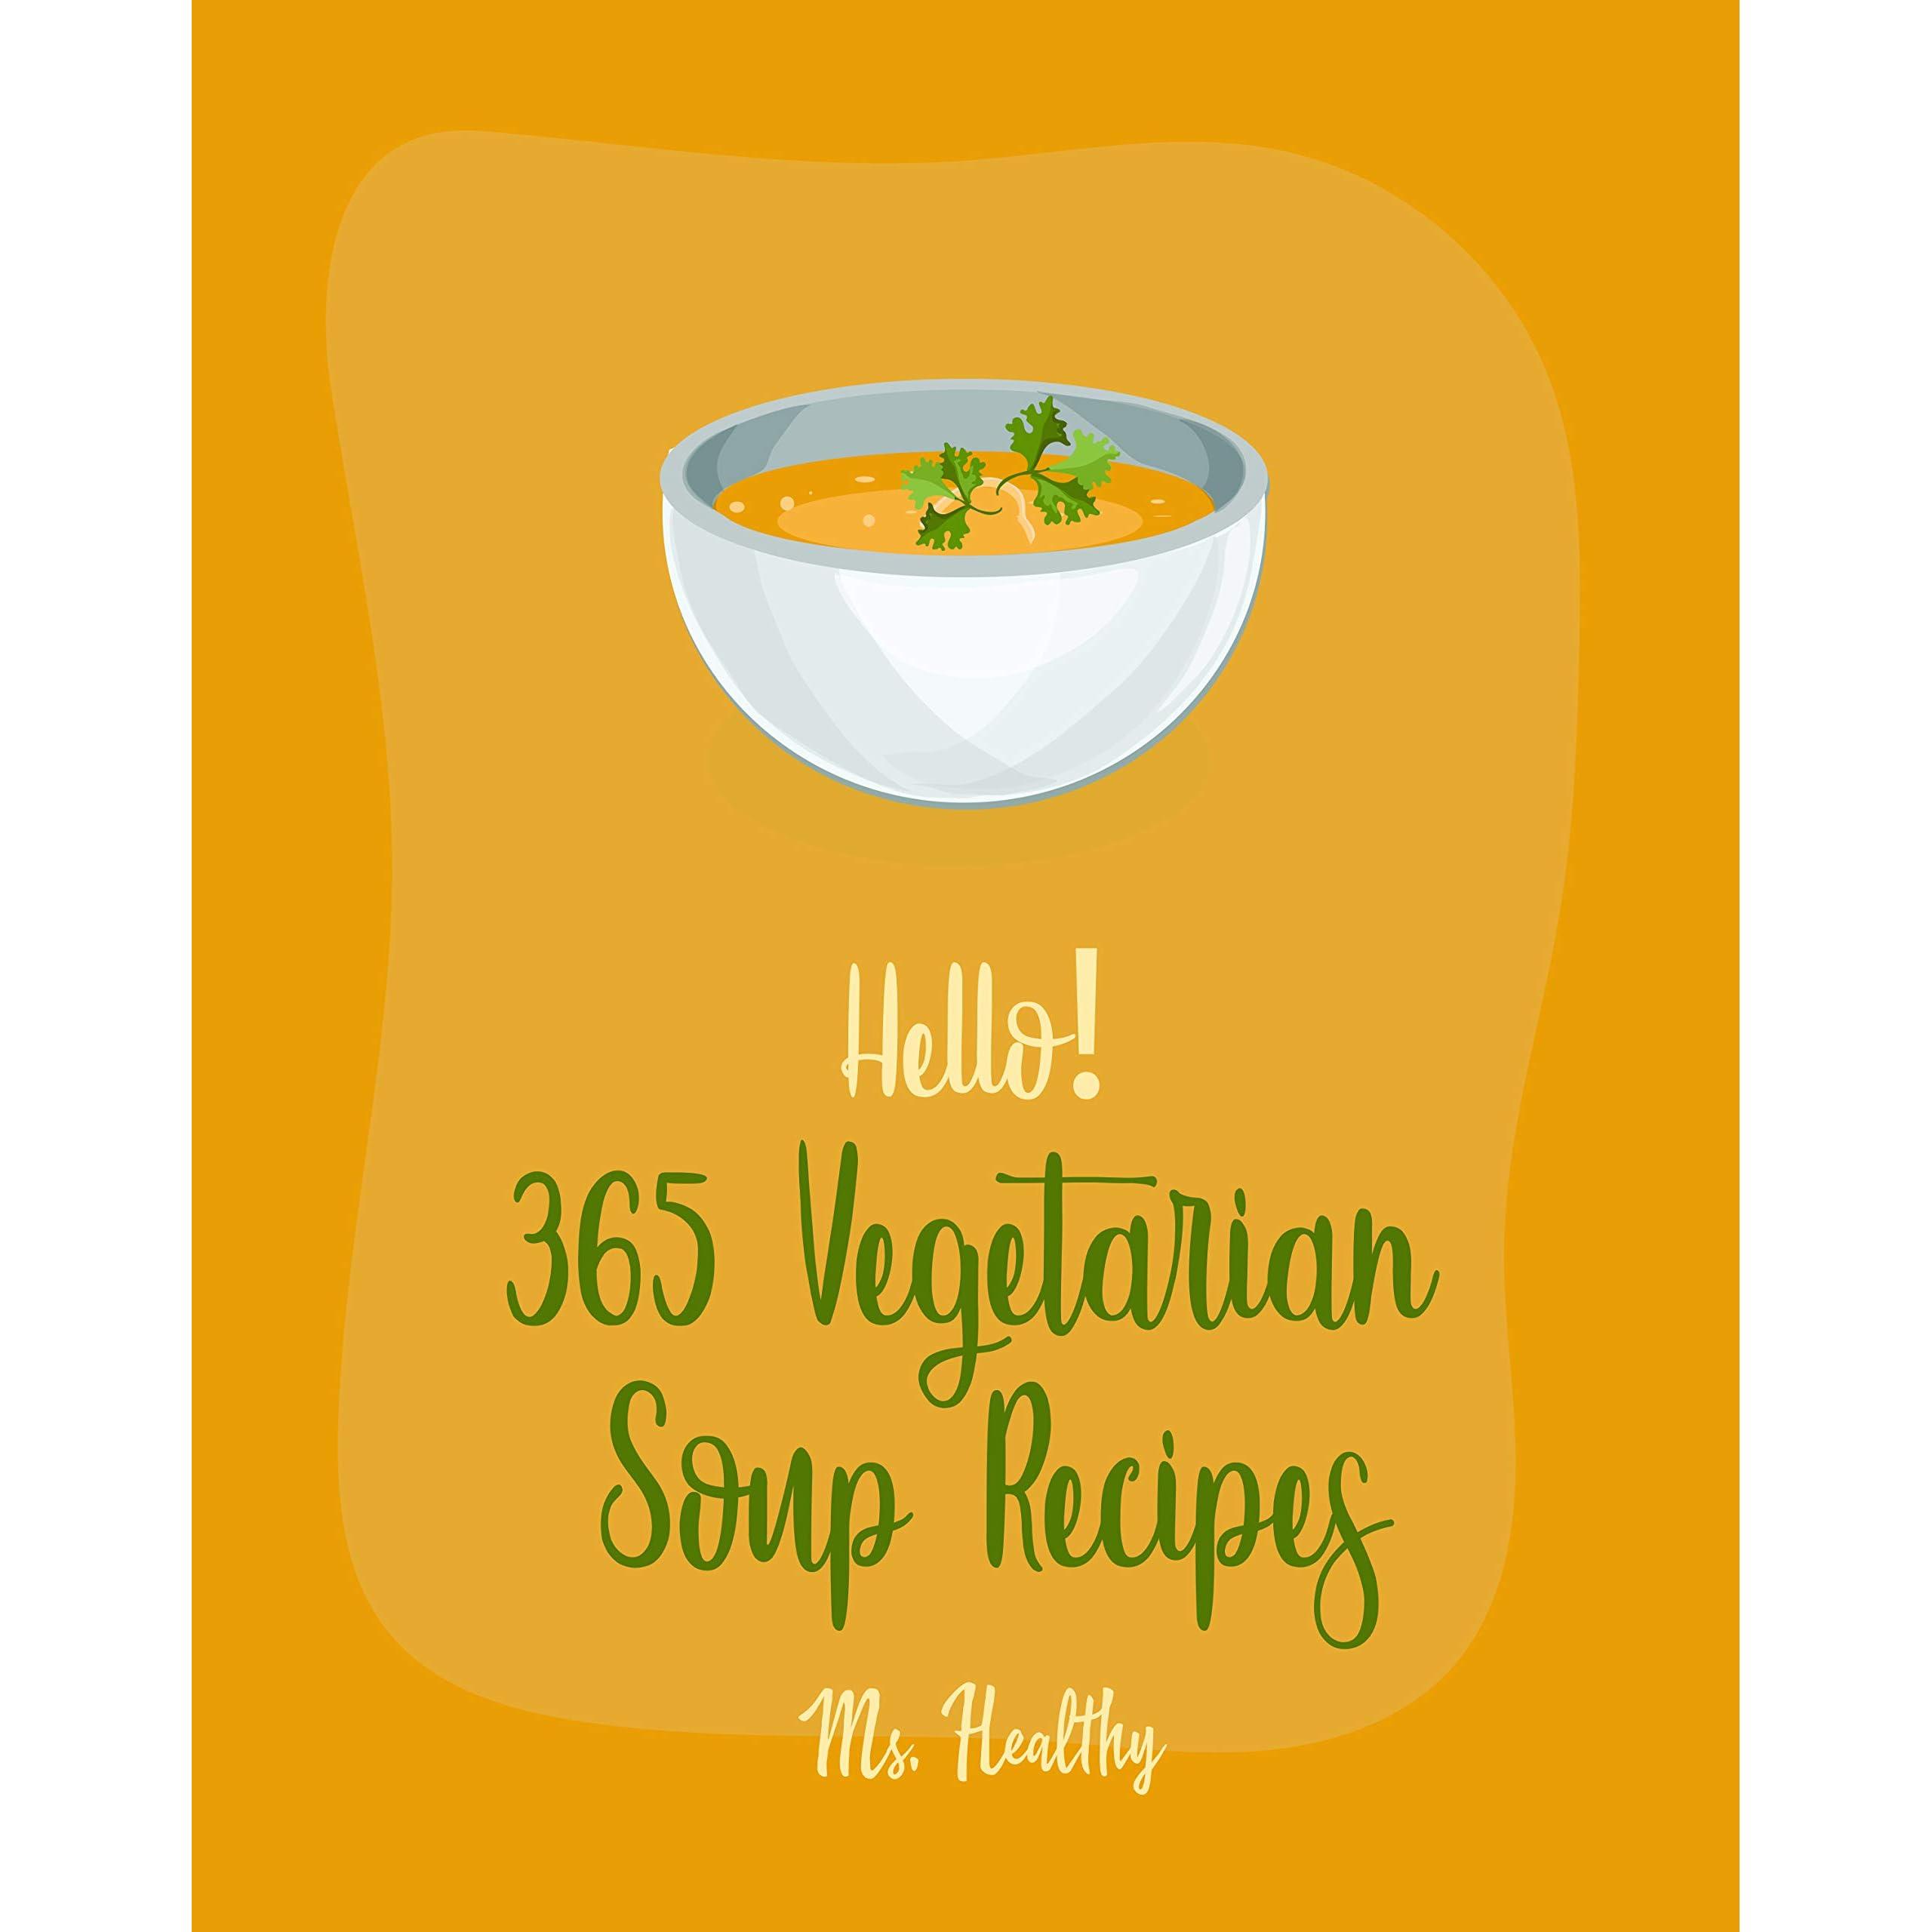 Hello 365 Vegetarian Soup Recipes Best Vegetarian Soup Cookbook Ever For Beginners Soup Dumpling Cookbook Green Chili Recipes Italian Soup Book Mashed Potato Book Pumpkin Soup Recipe Book 1 By Ms Hanna